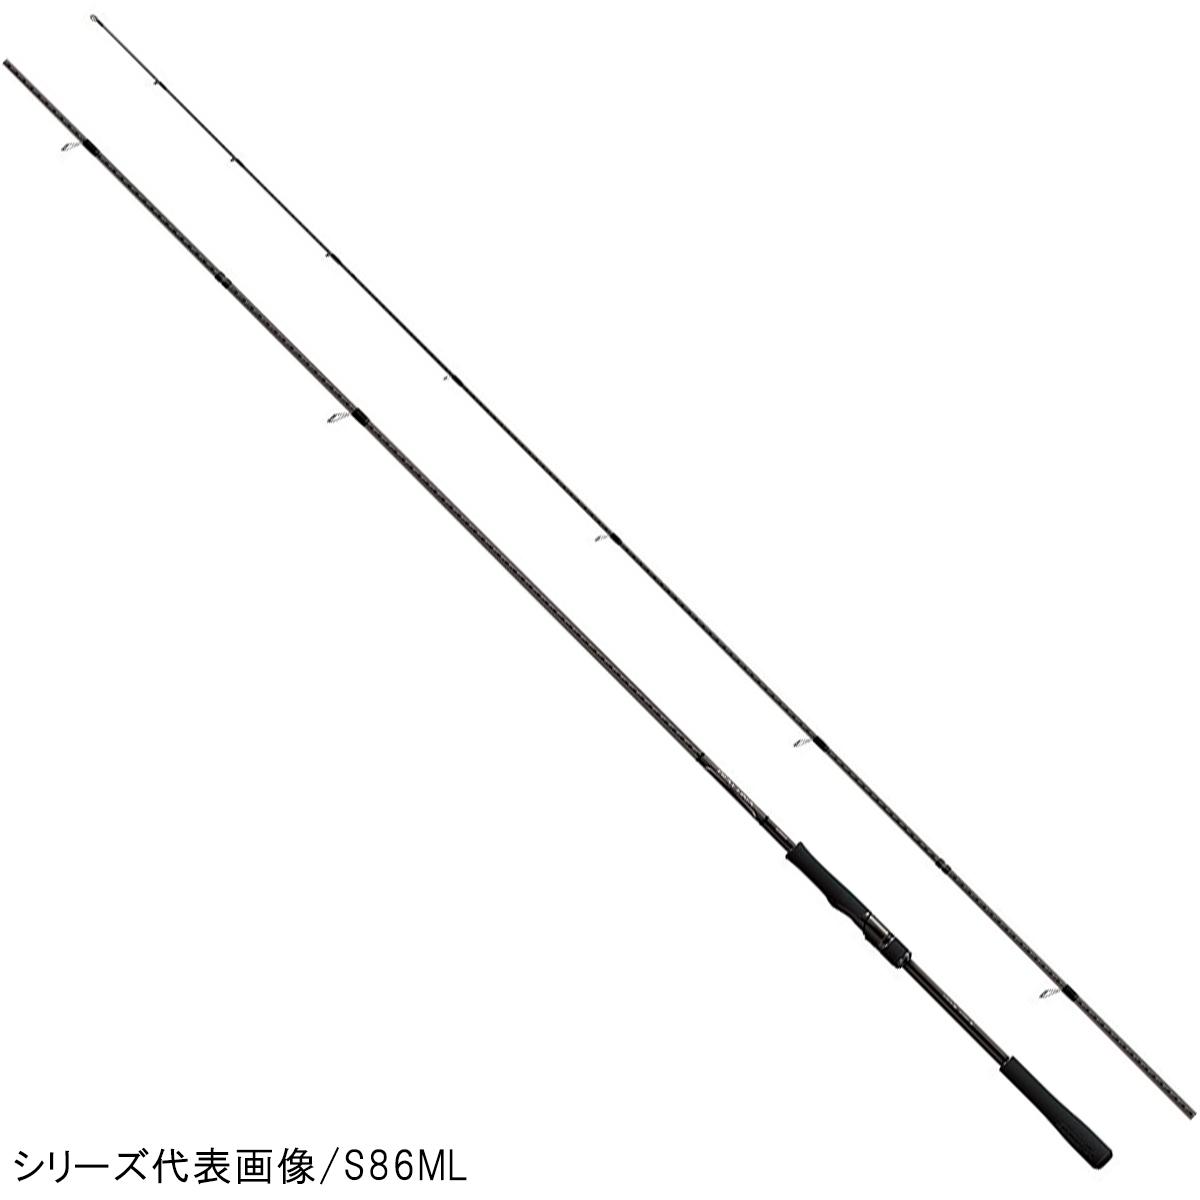 シマノ ディアルーナ (スピニング) S106ML【大型商品】